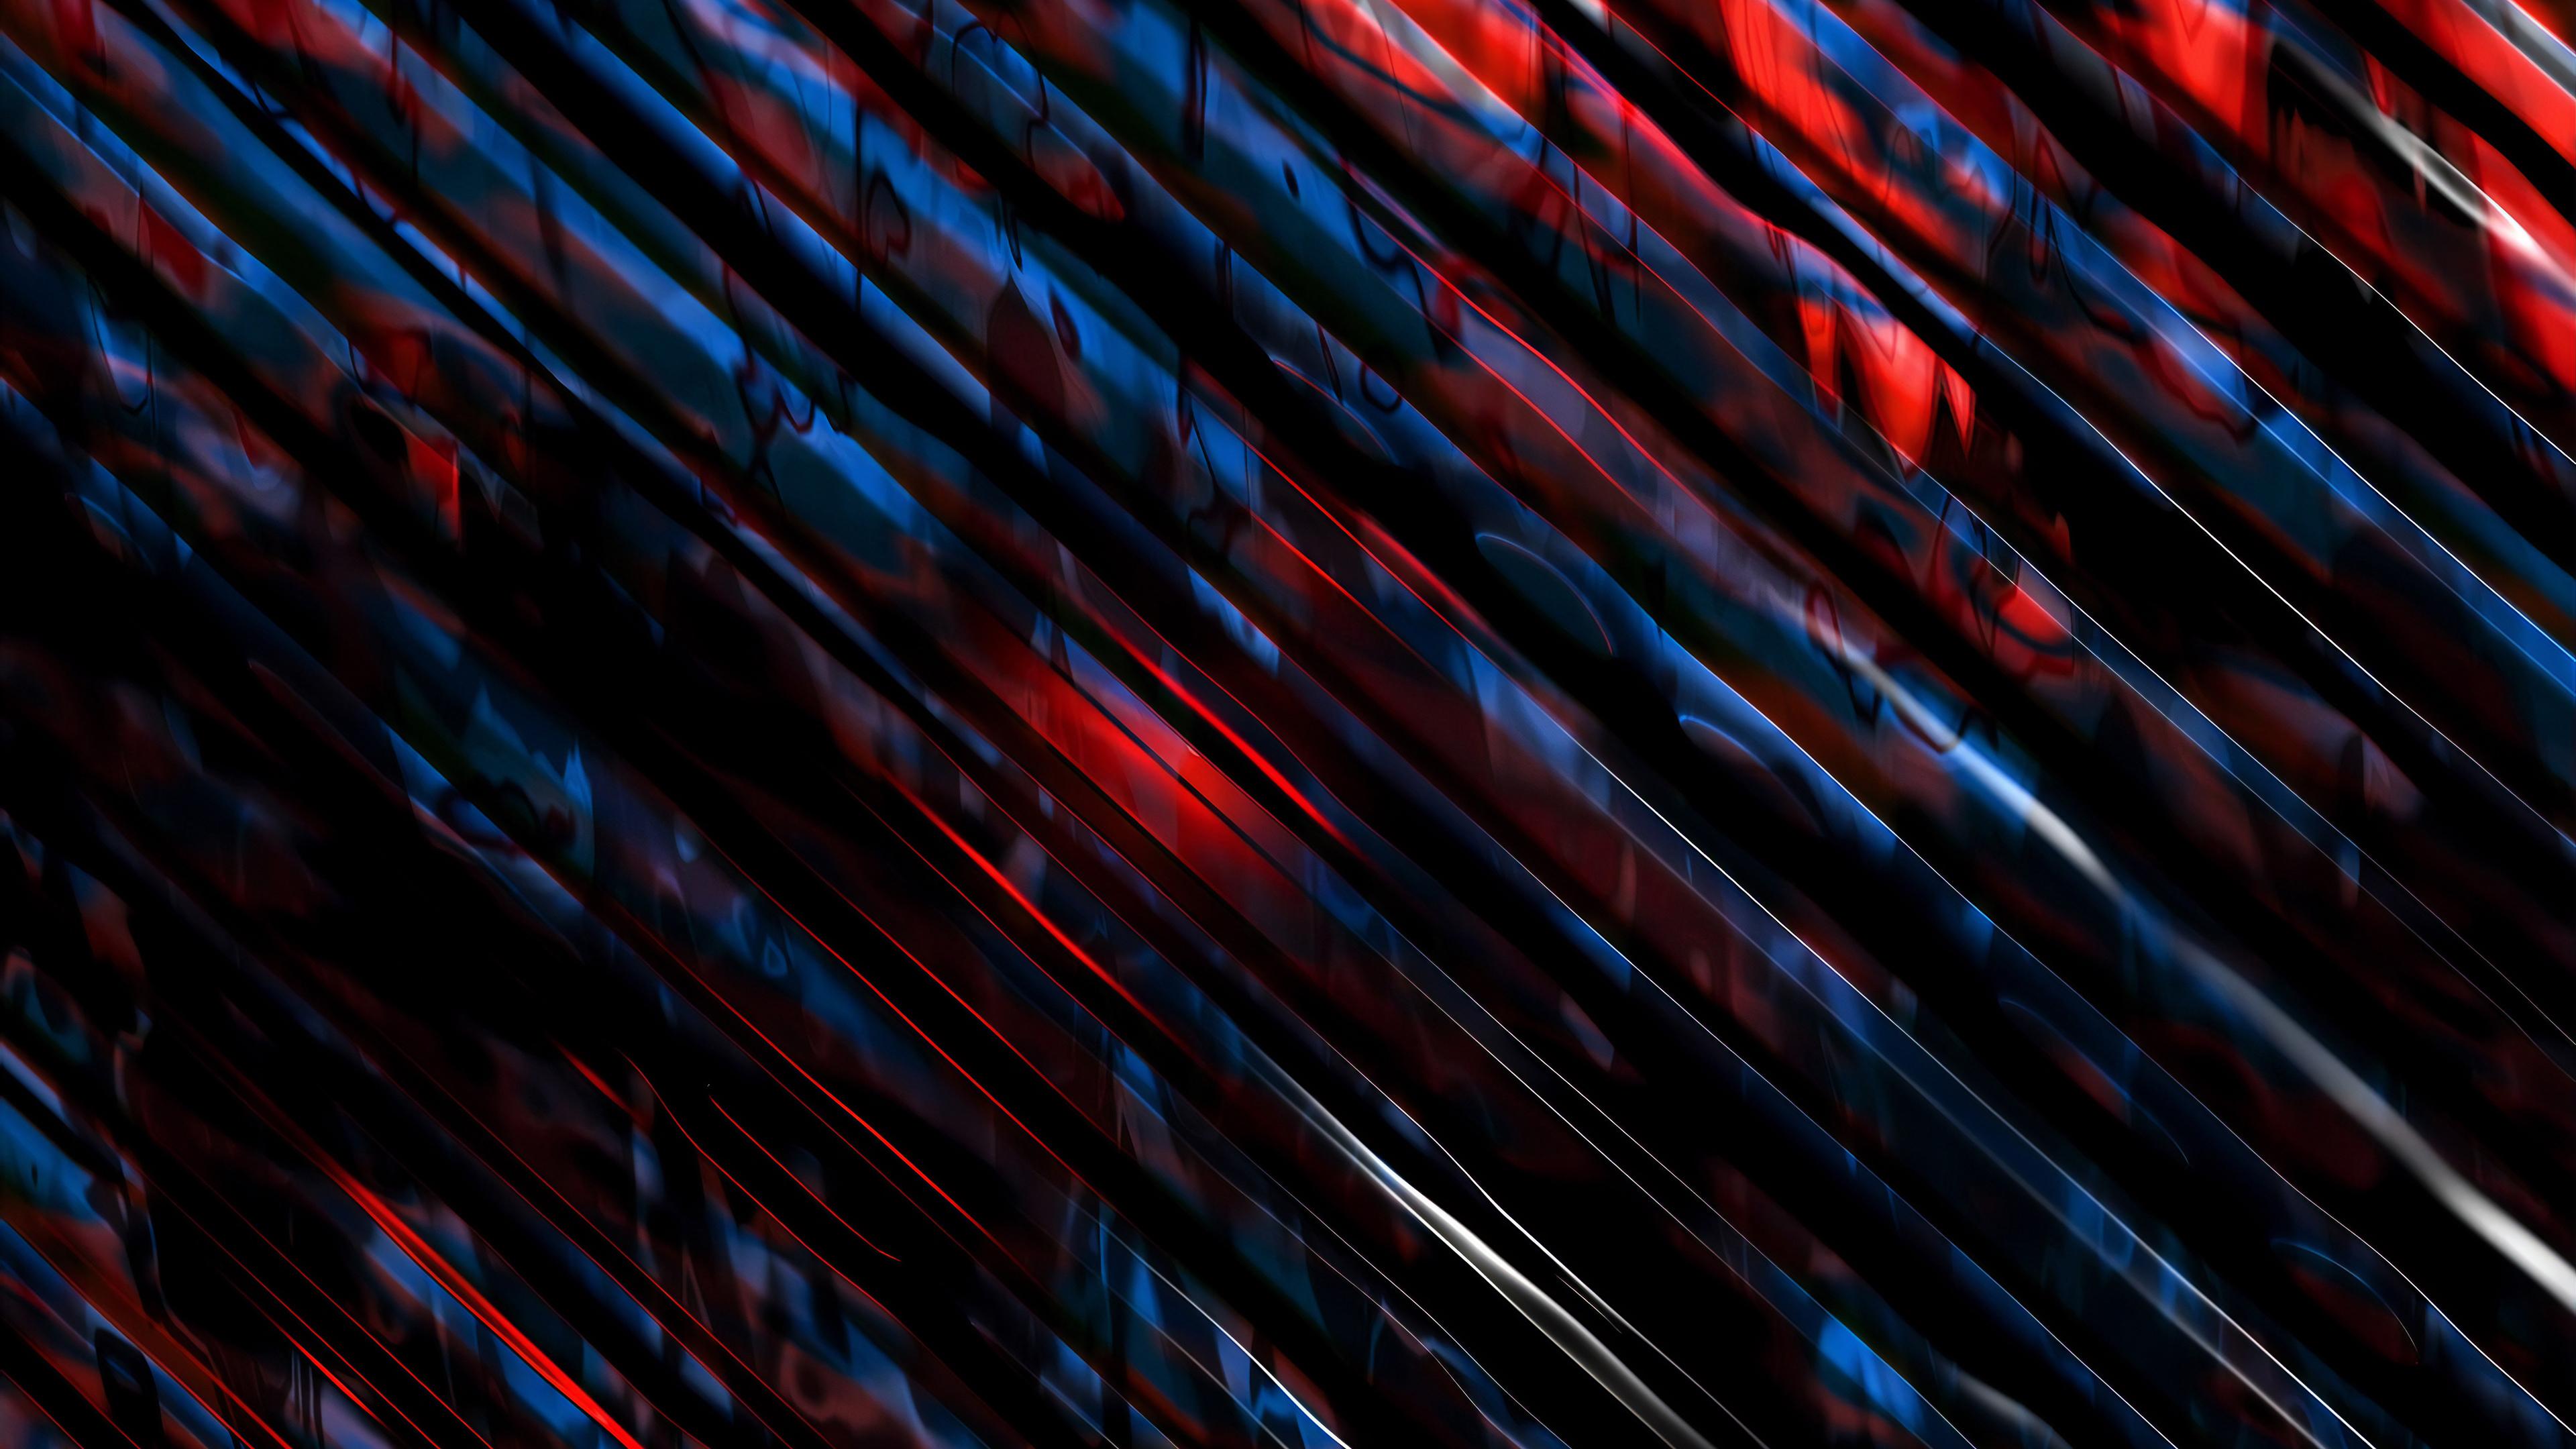 diagonal lines illusion 1563221522 - Diagonal Lines Illusion - lines wallpapers, hd-wallpapers, abstract wallpapers, 4k-wallpapers